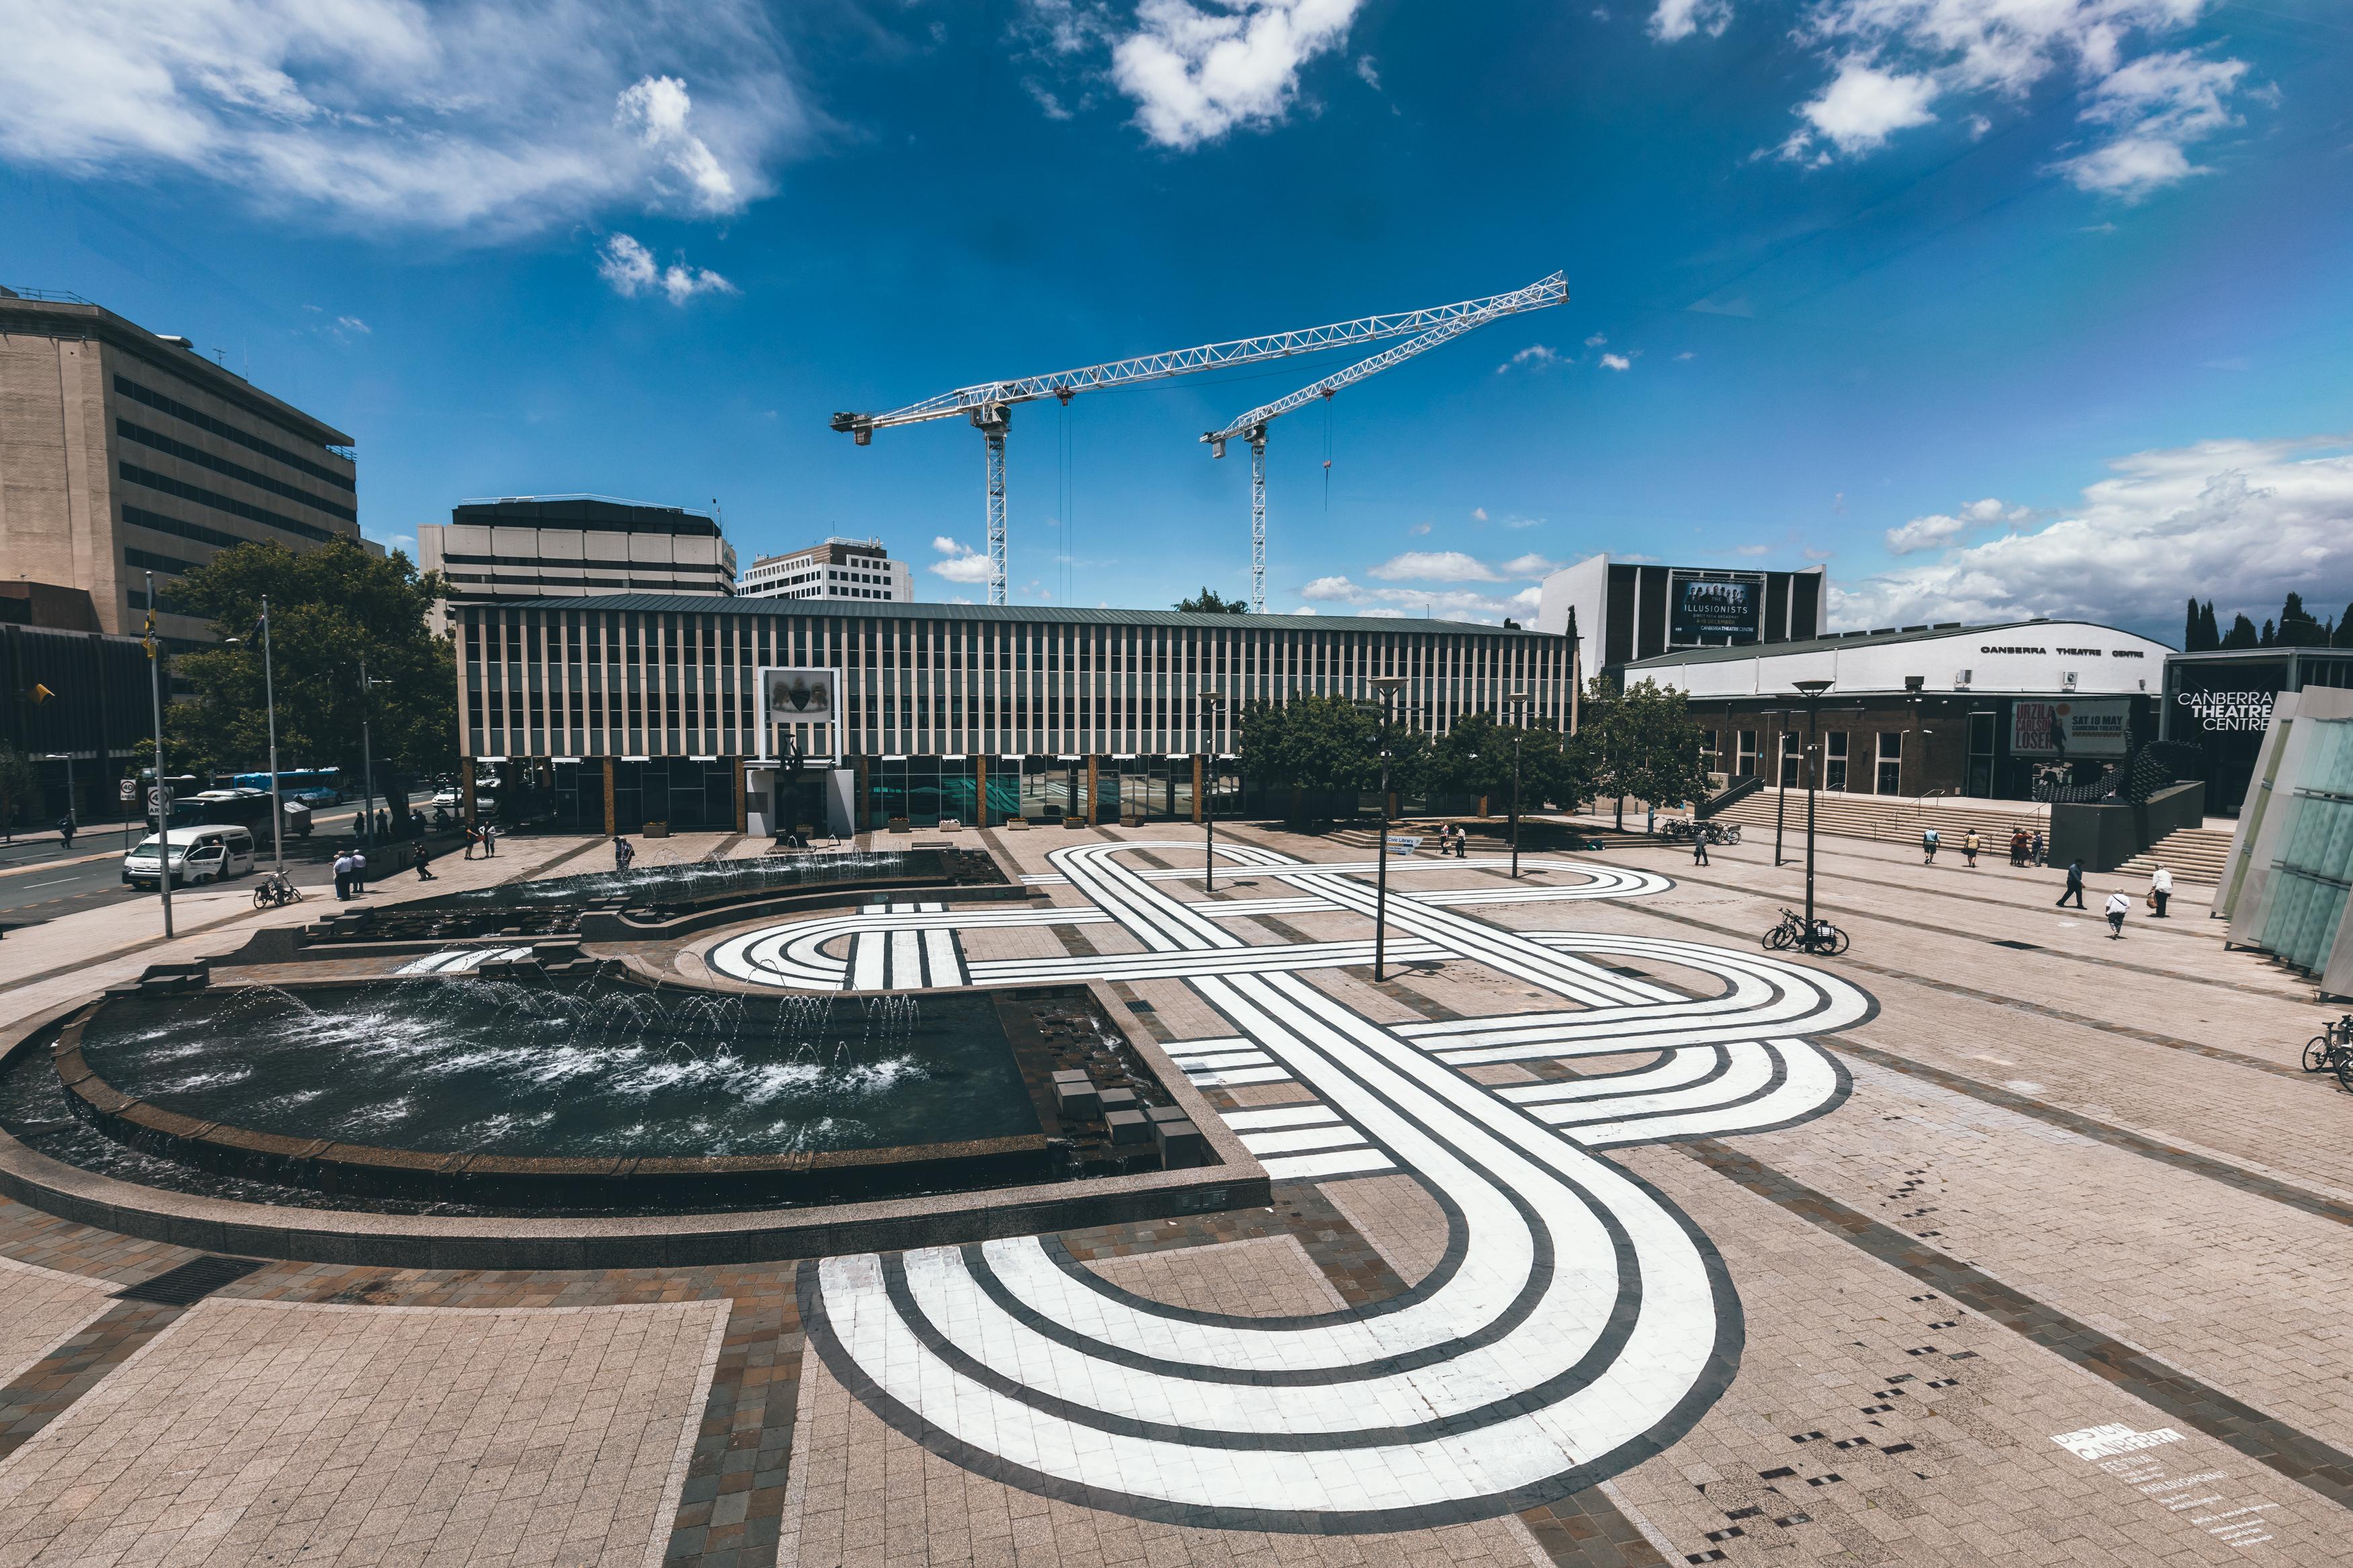 marilou chagnaud graphic in civic square, aerial image